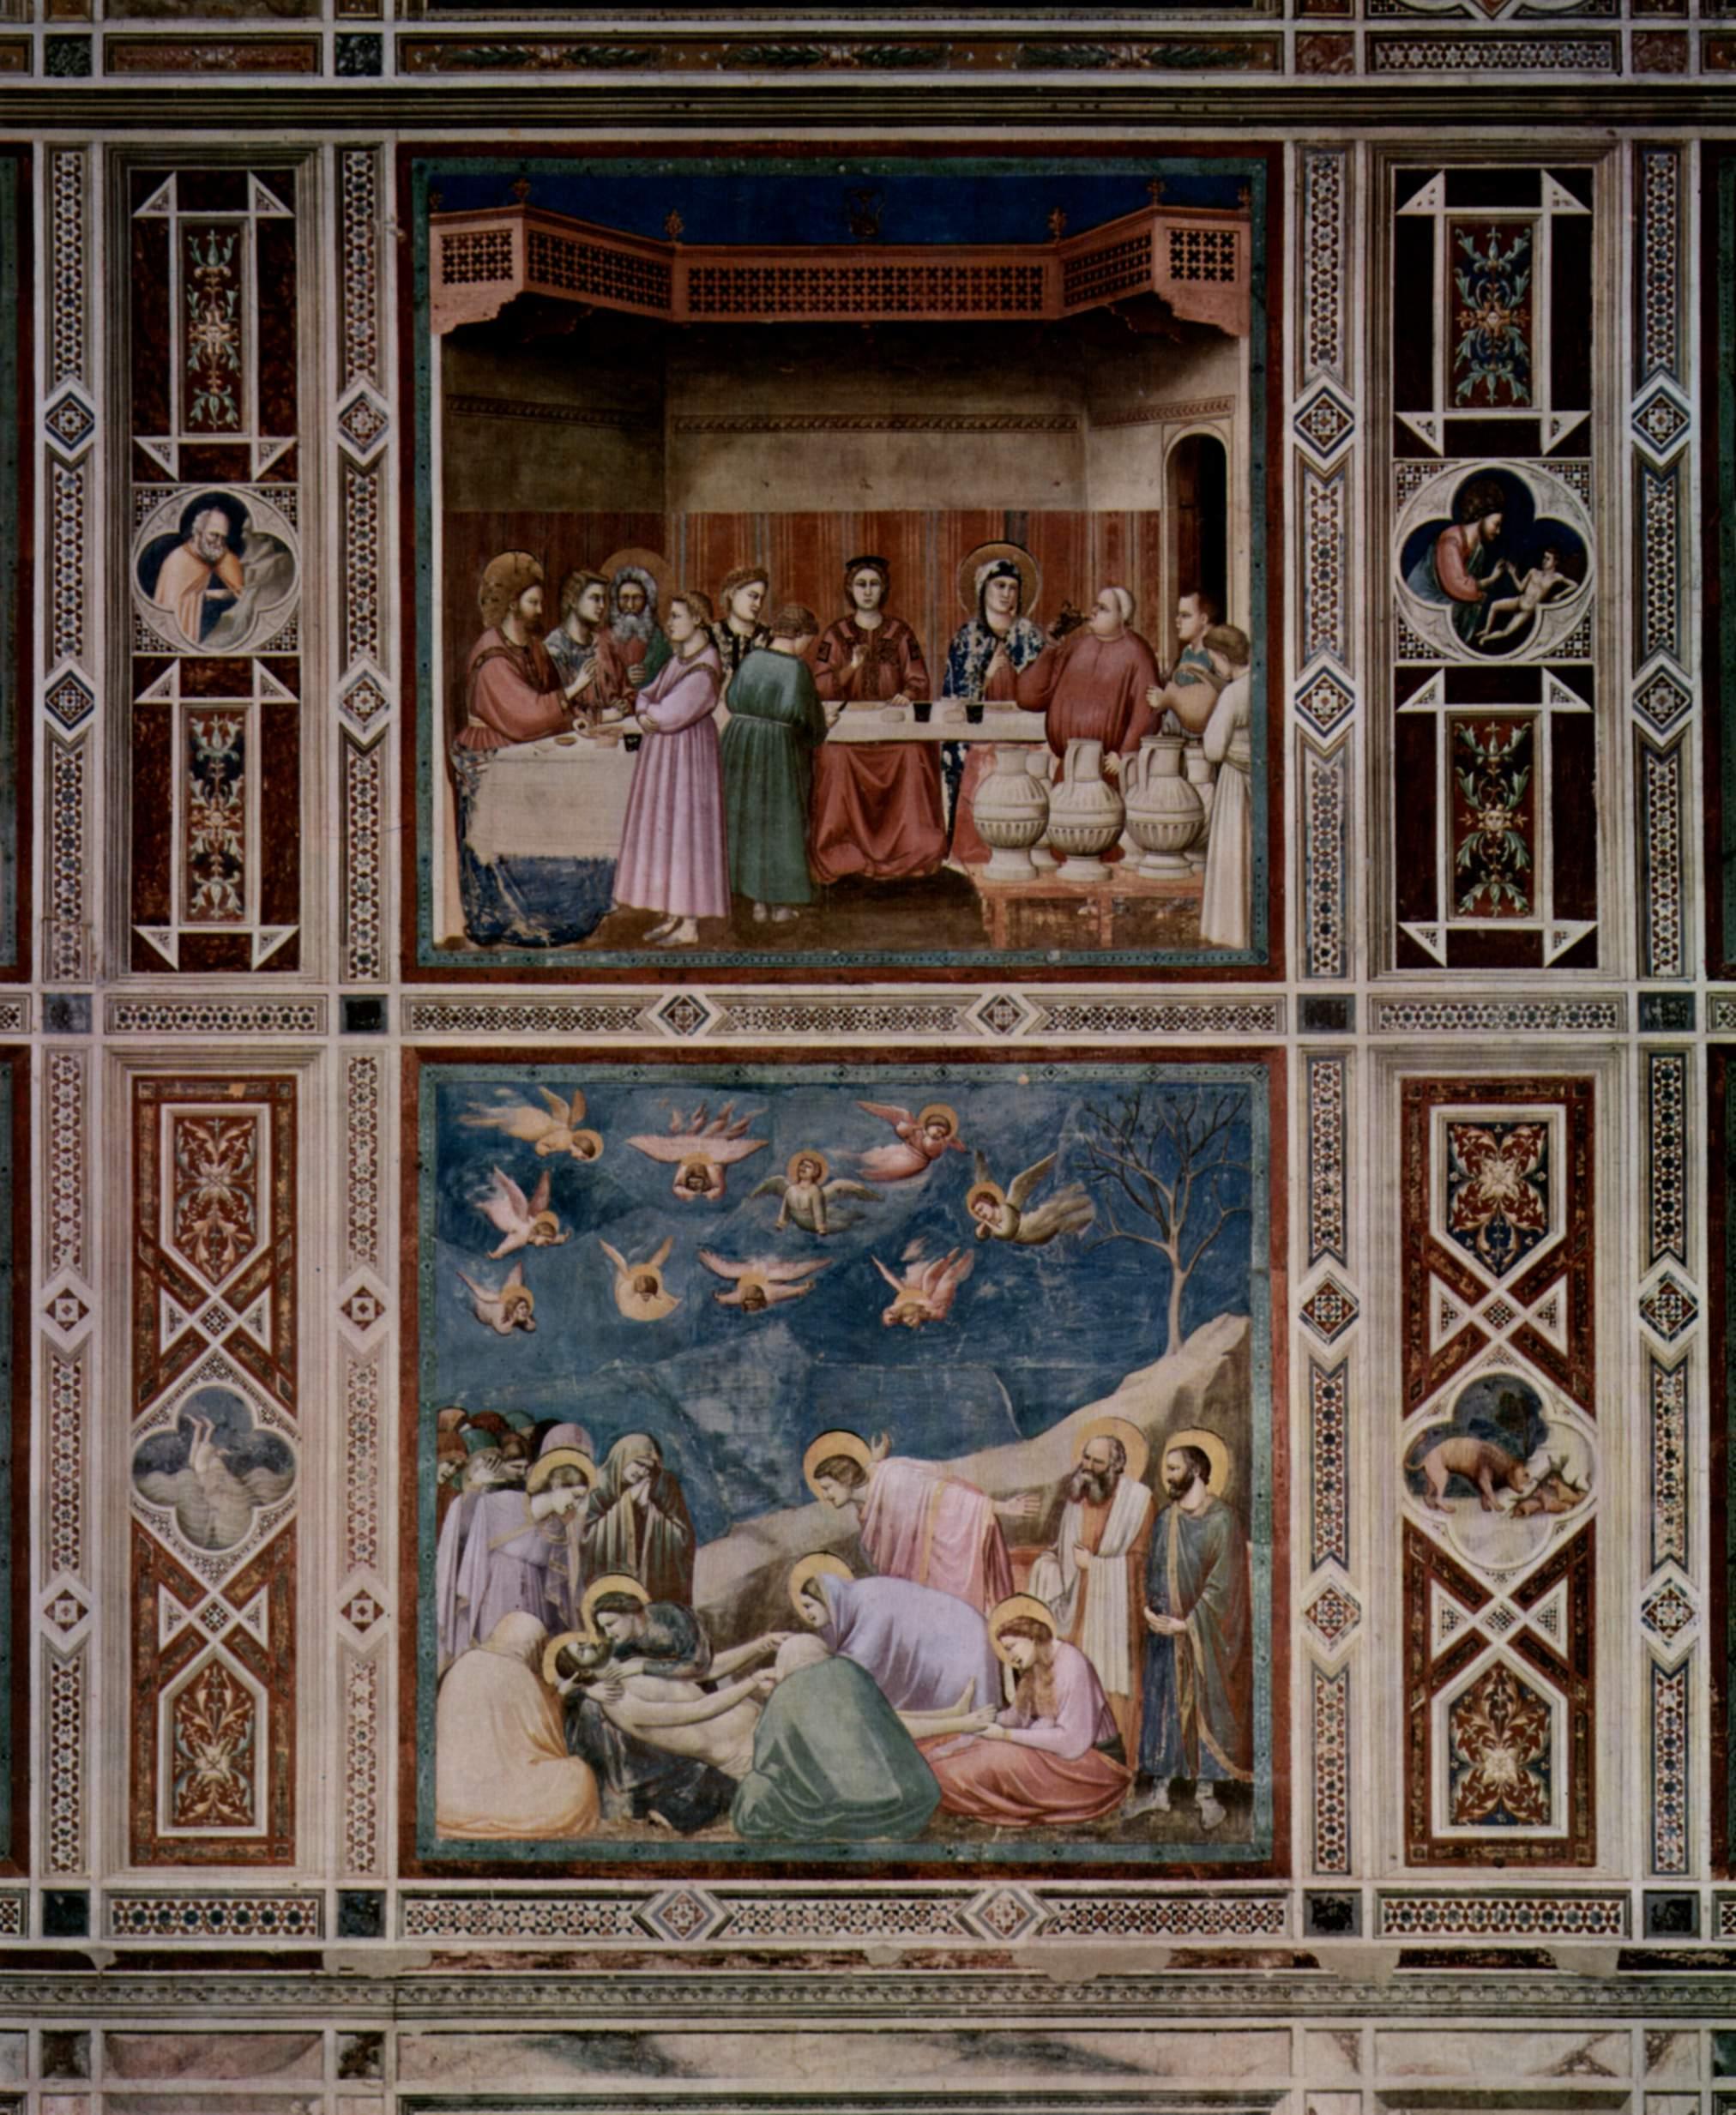 Цикл фресок капеллы Арена [21] в Падуе (капелла Скровеньи). Воскрешение Лазаря, Джотто ди Бондоне